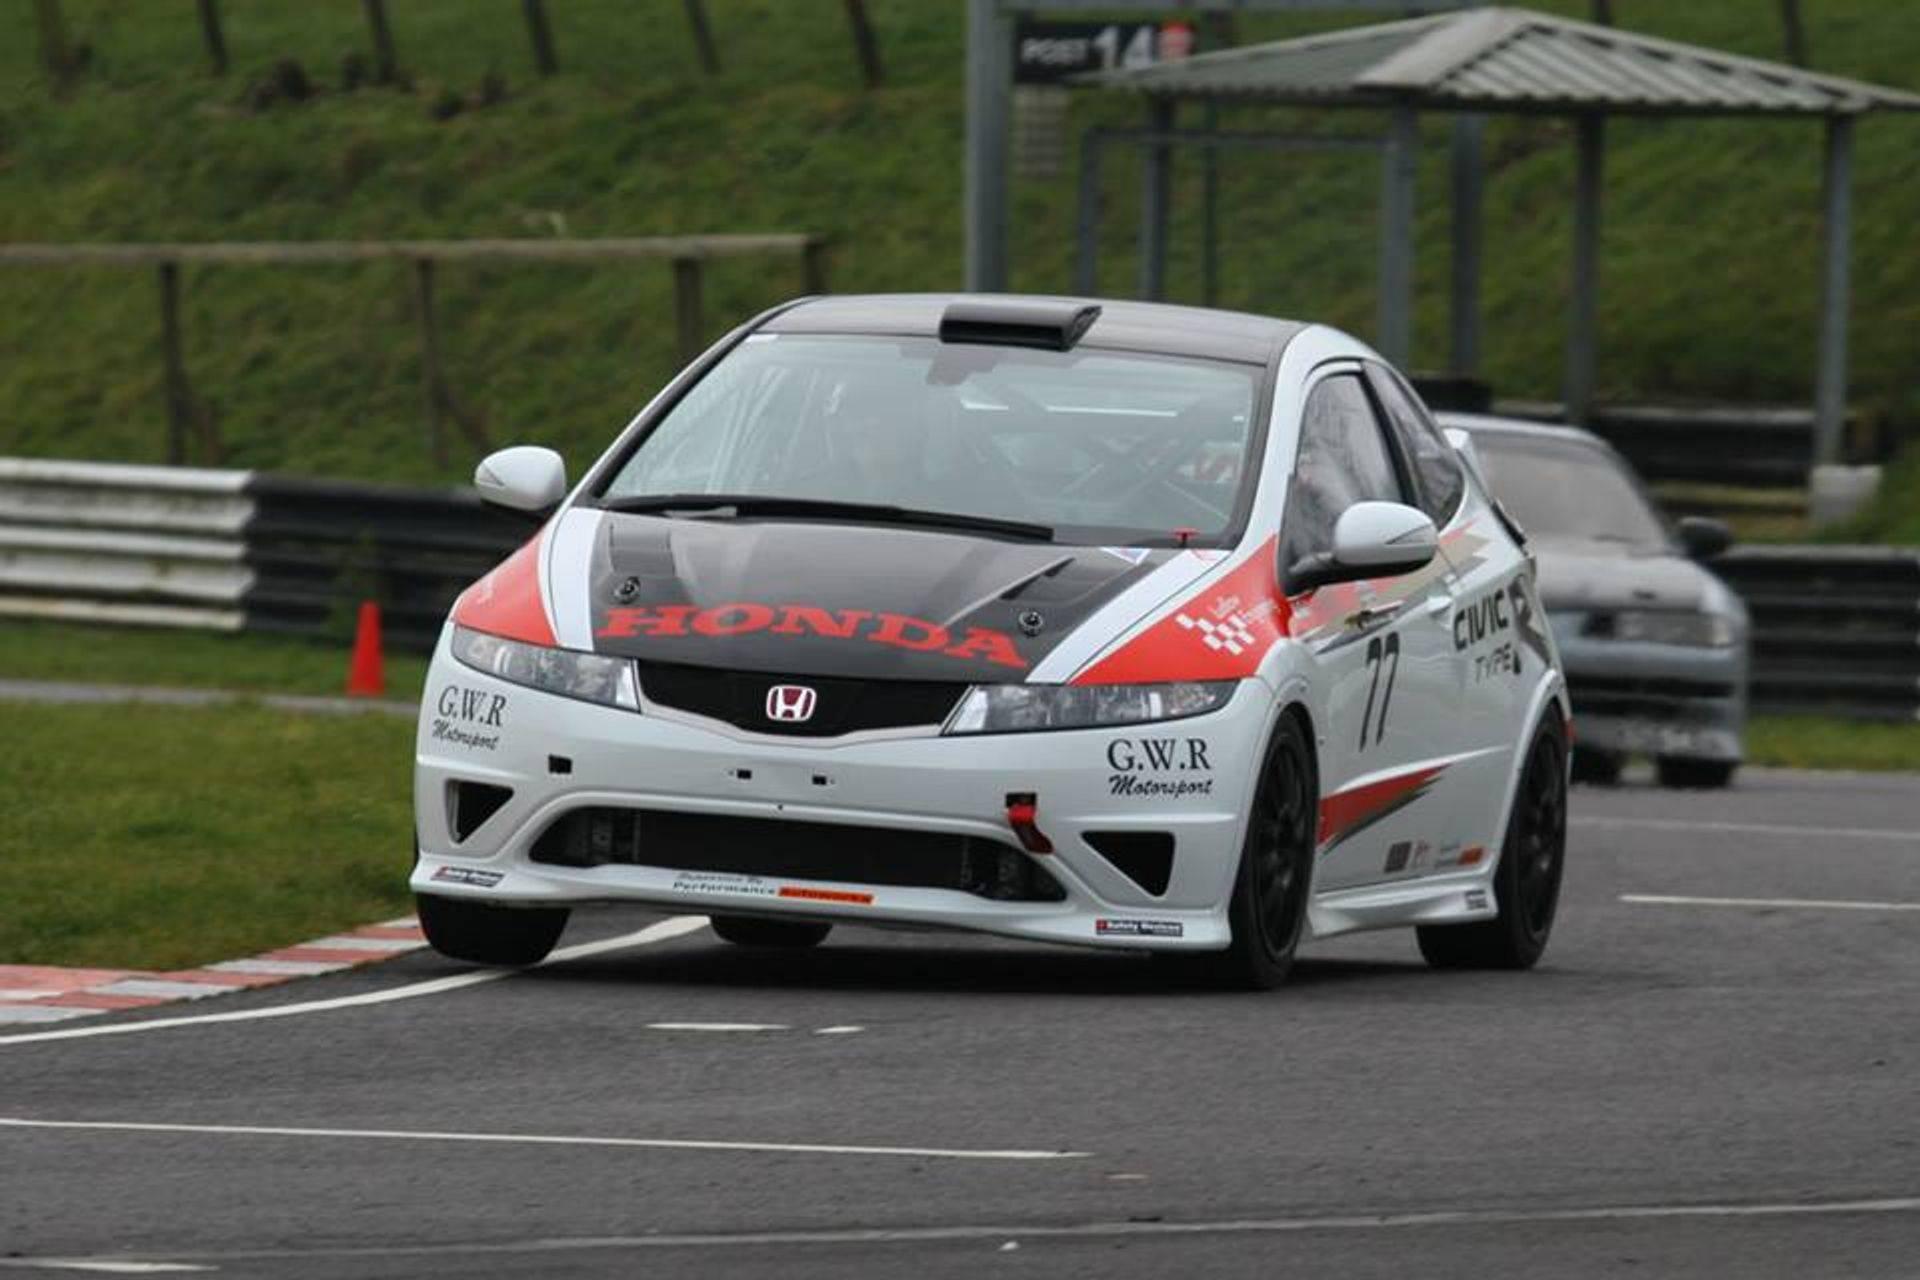 Honda Civic Britcar - Dan Ludlow Vulcan Racing Team